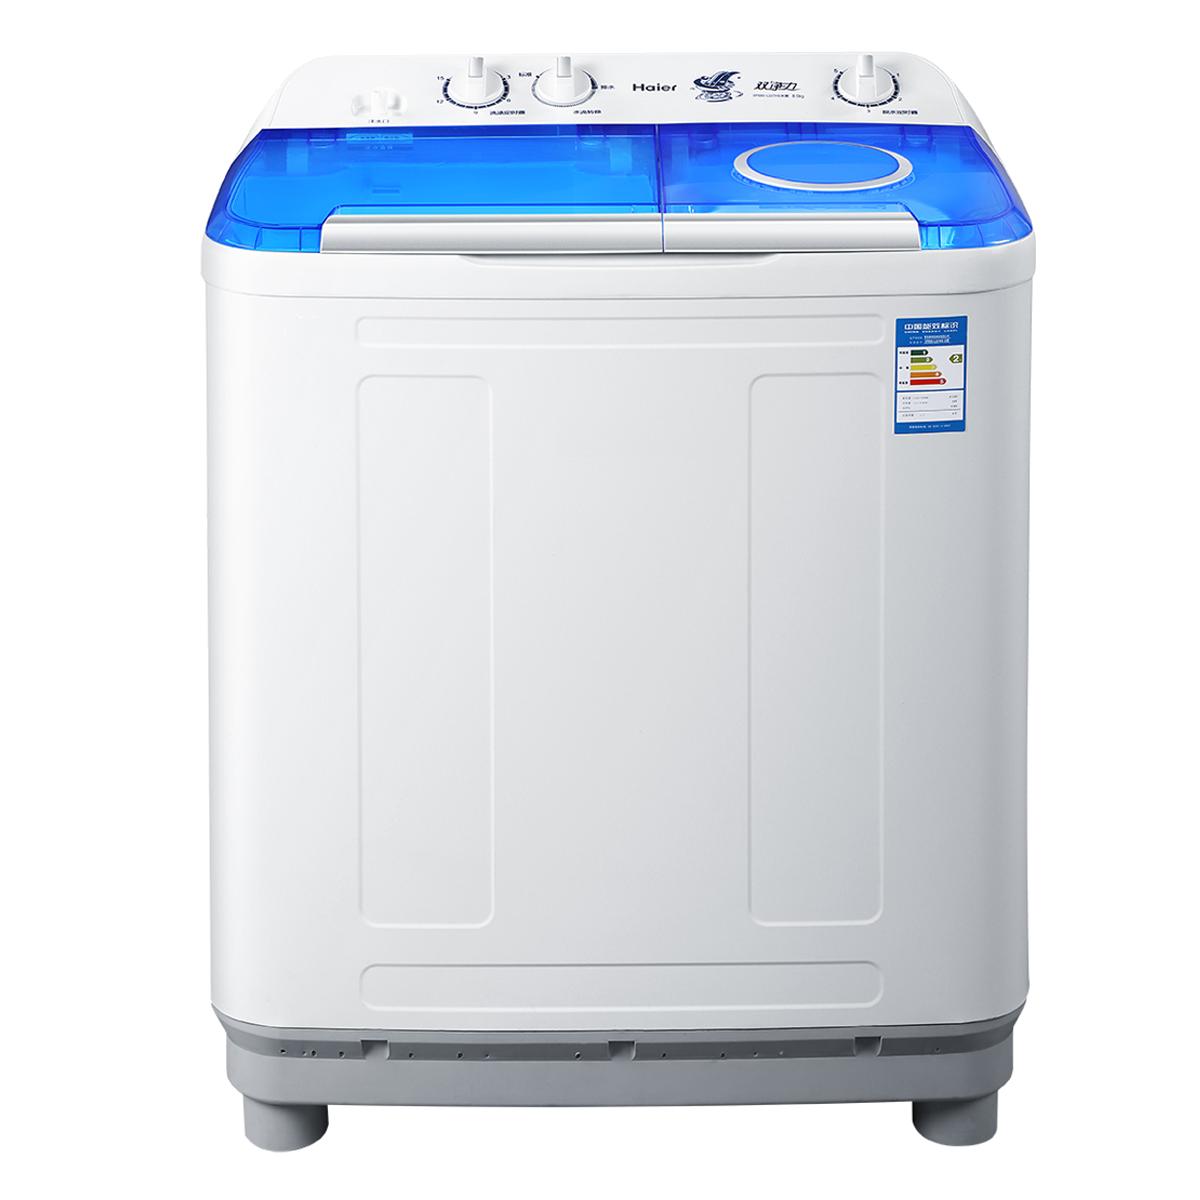 海尔Haier洗衣机 XPB85-L227HS 说明书